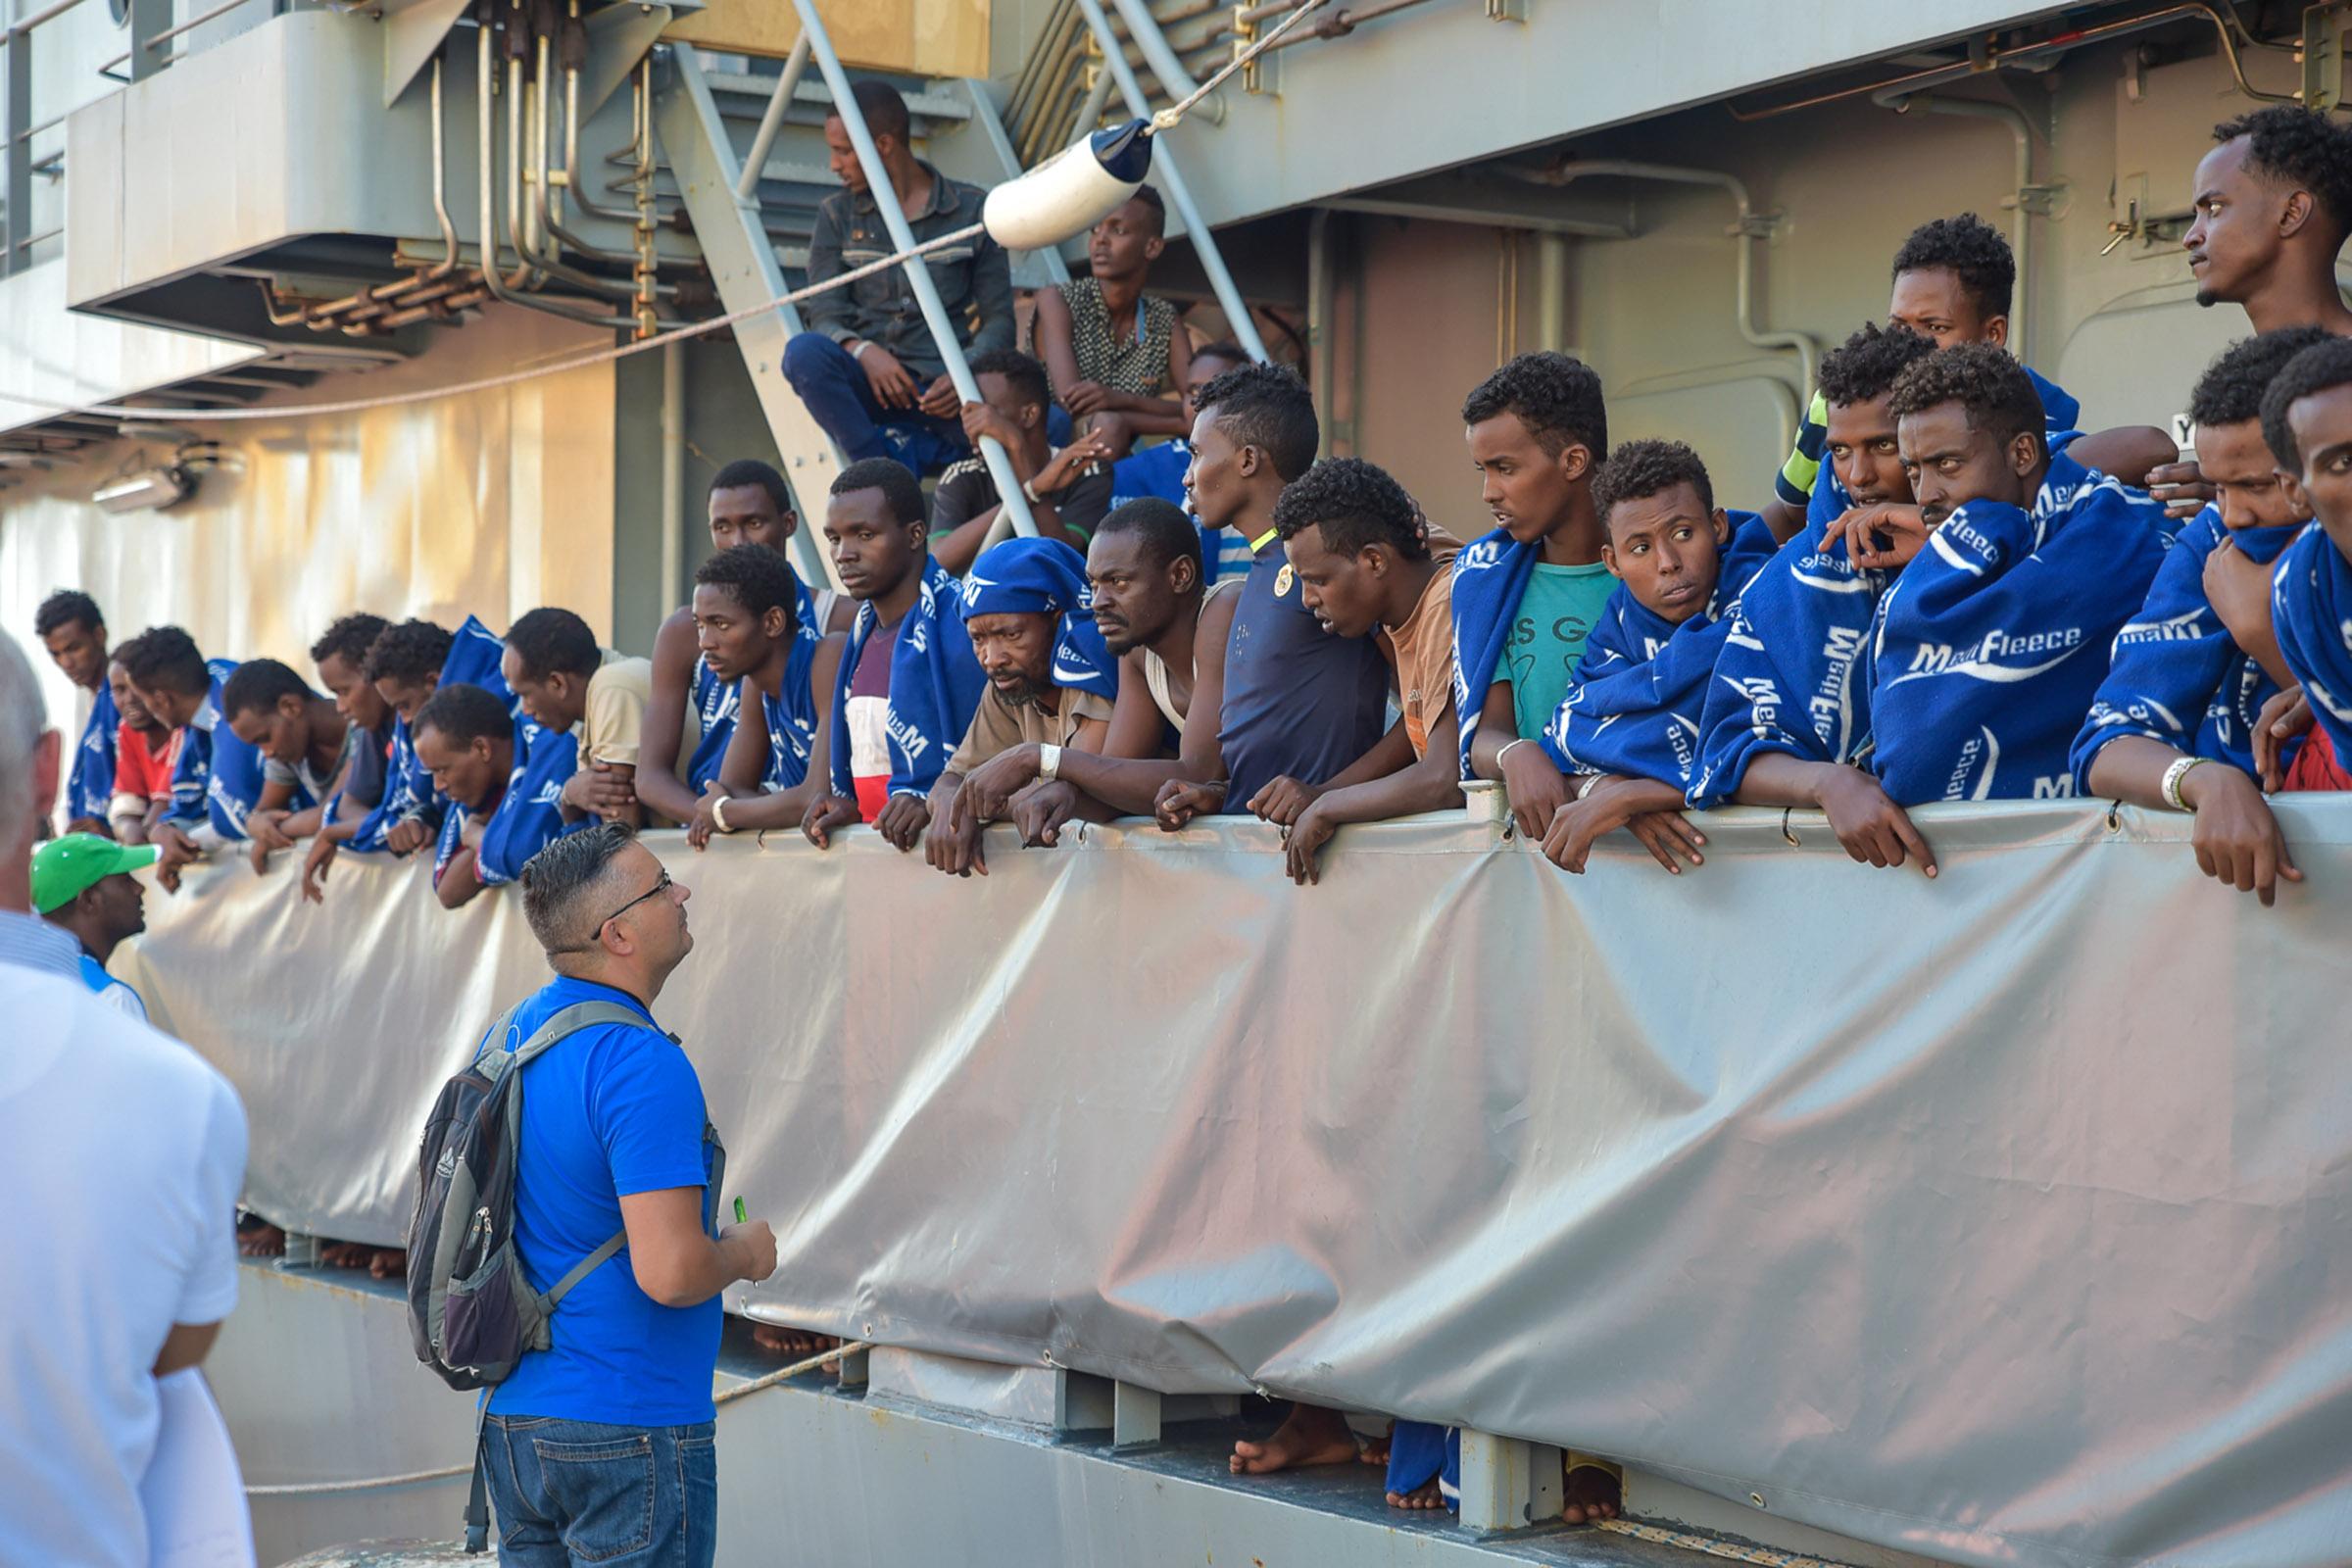 Immigrati, ancora tragedie nel Mare MediterraneoA Vibo arrivano720 persone soccorse su barcone